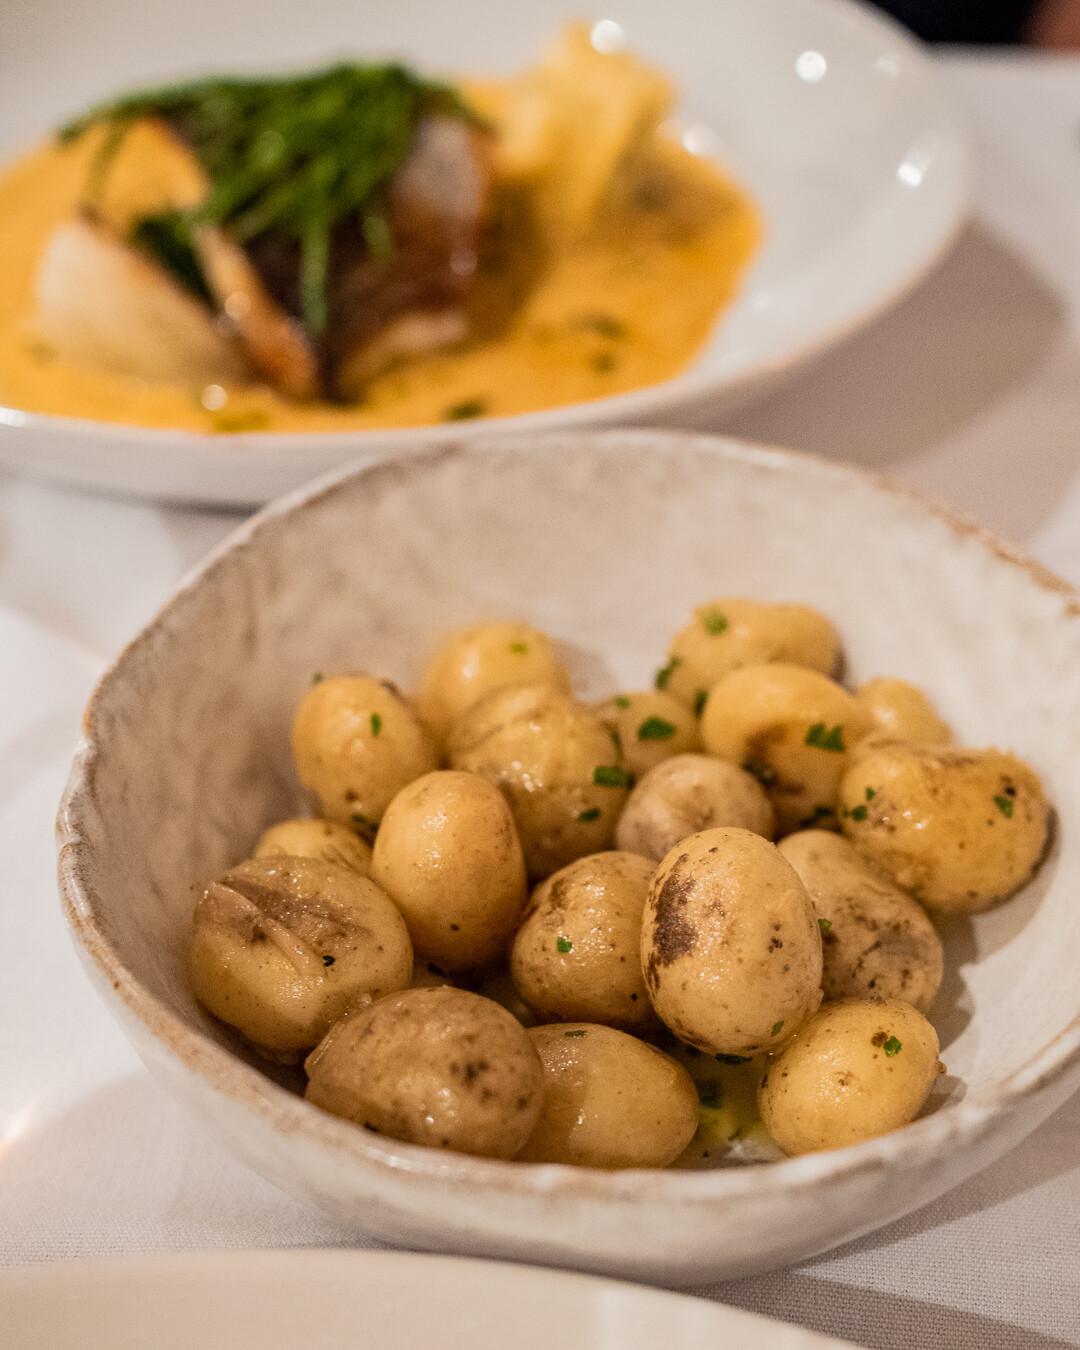 Jersey royal potatoes at Sumas